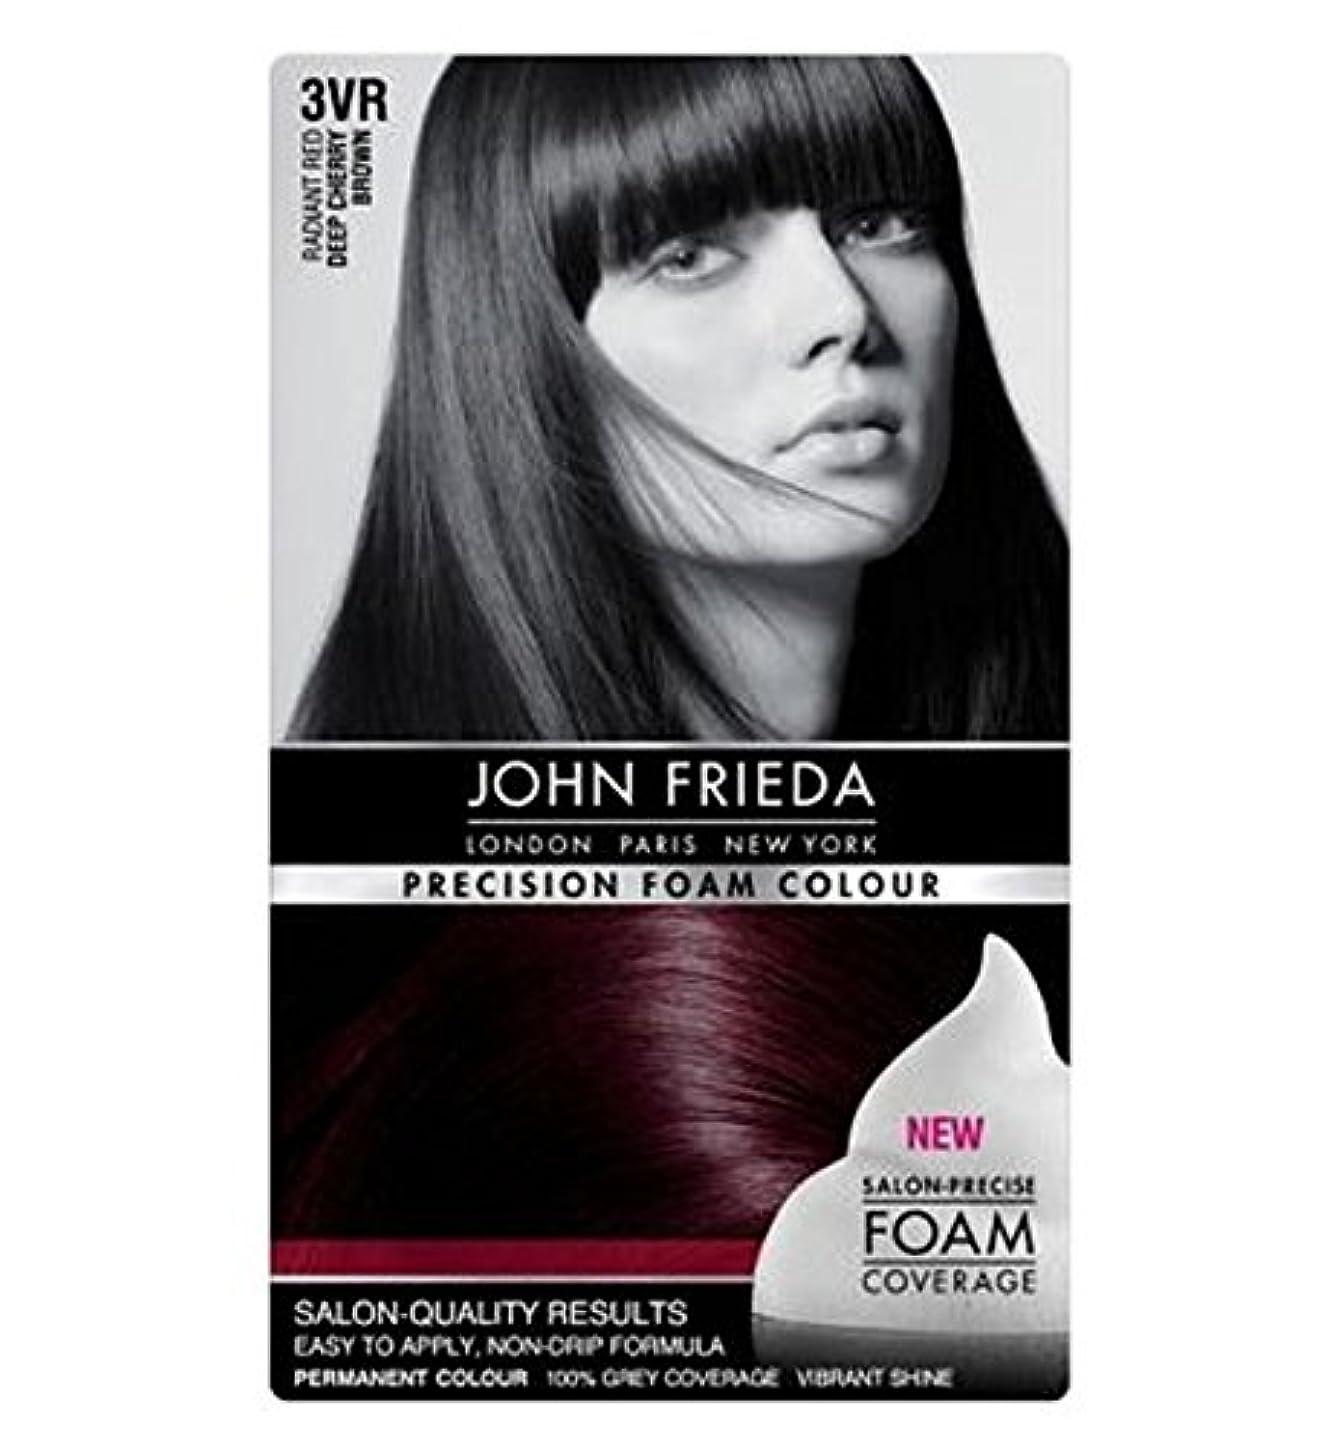 差別化する欠席驚いたことにジョン?フリーダ精密泡カラー3Vr深いチェリーブラウン (John Frieda) (x2) - John Frieda Precision Foam Colour 3VR Deep Cherry Brown (Pack of 2) [並行輸入品]